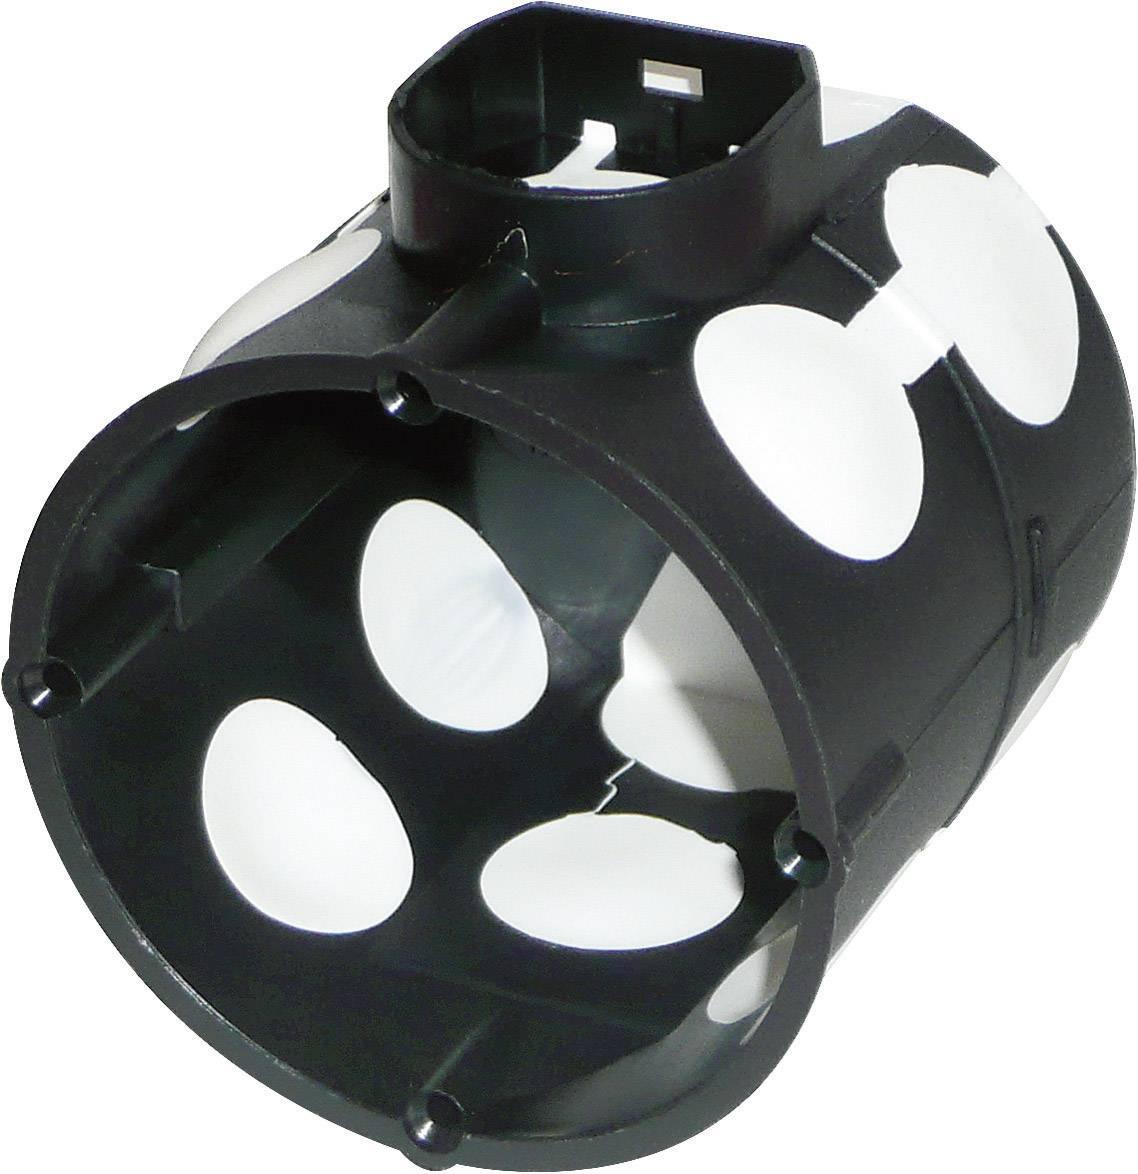 Spínačová krabice pod omítku, Ø 60 mm, vzduchotěsná, černá